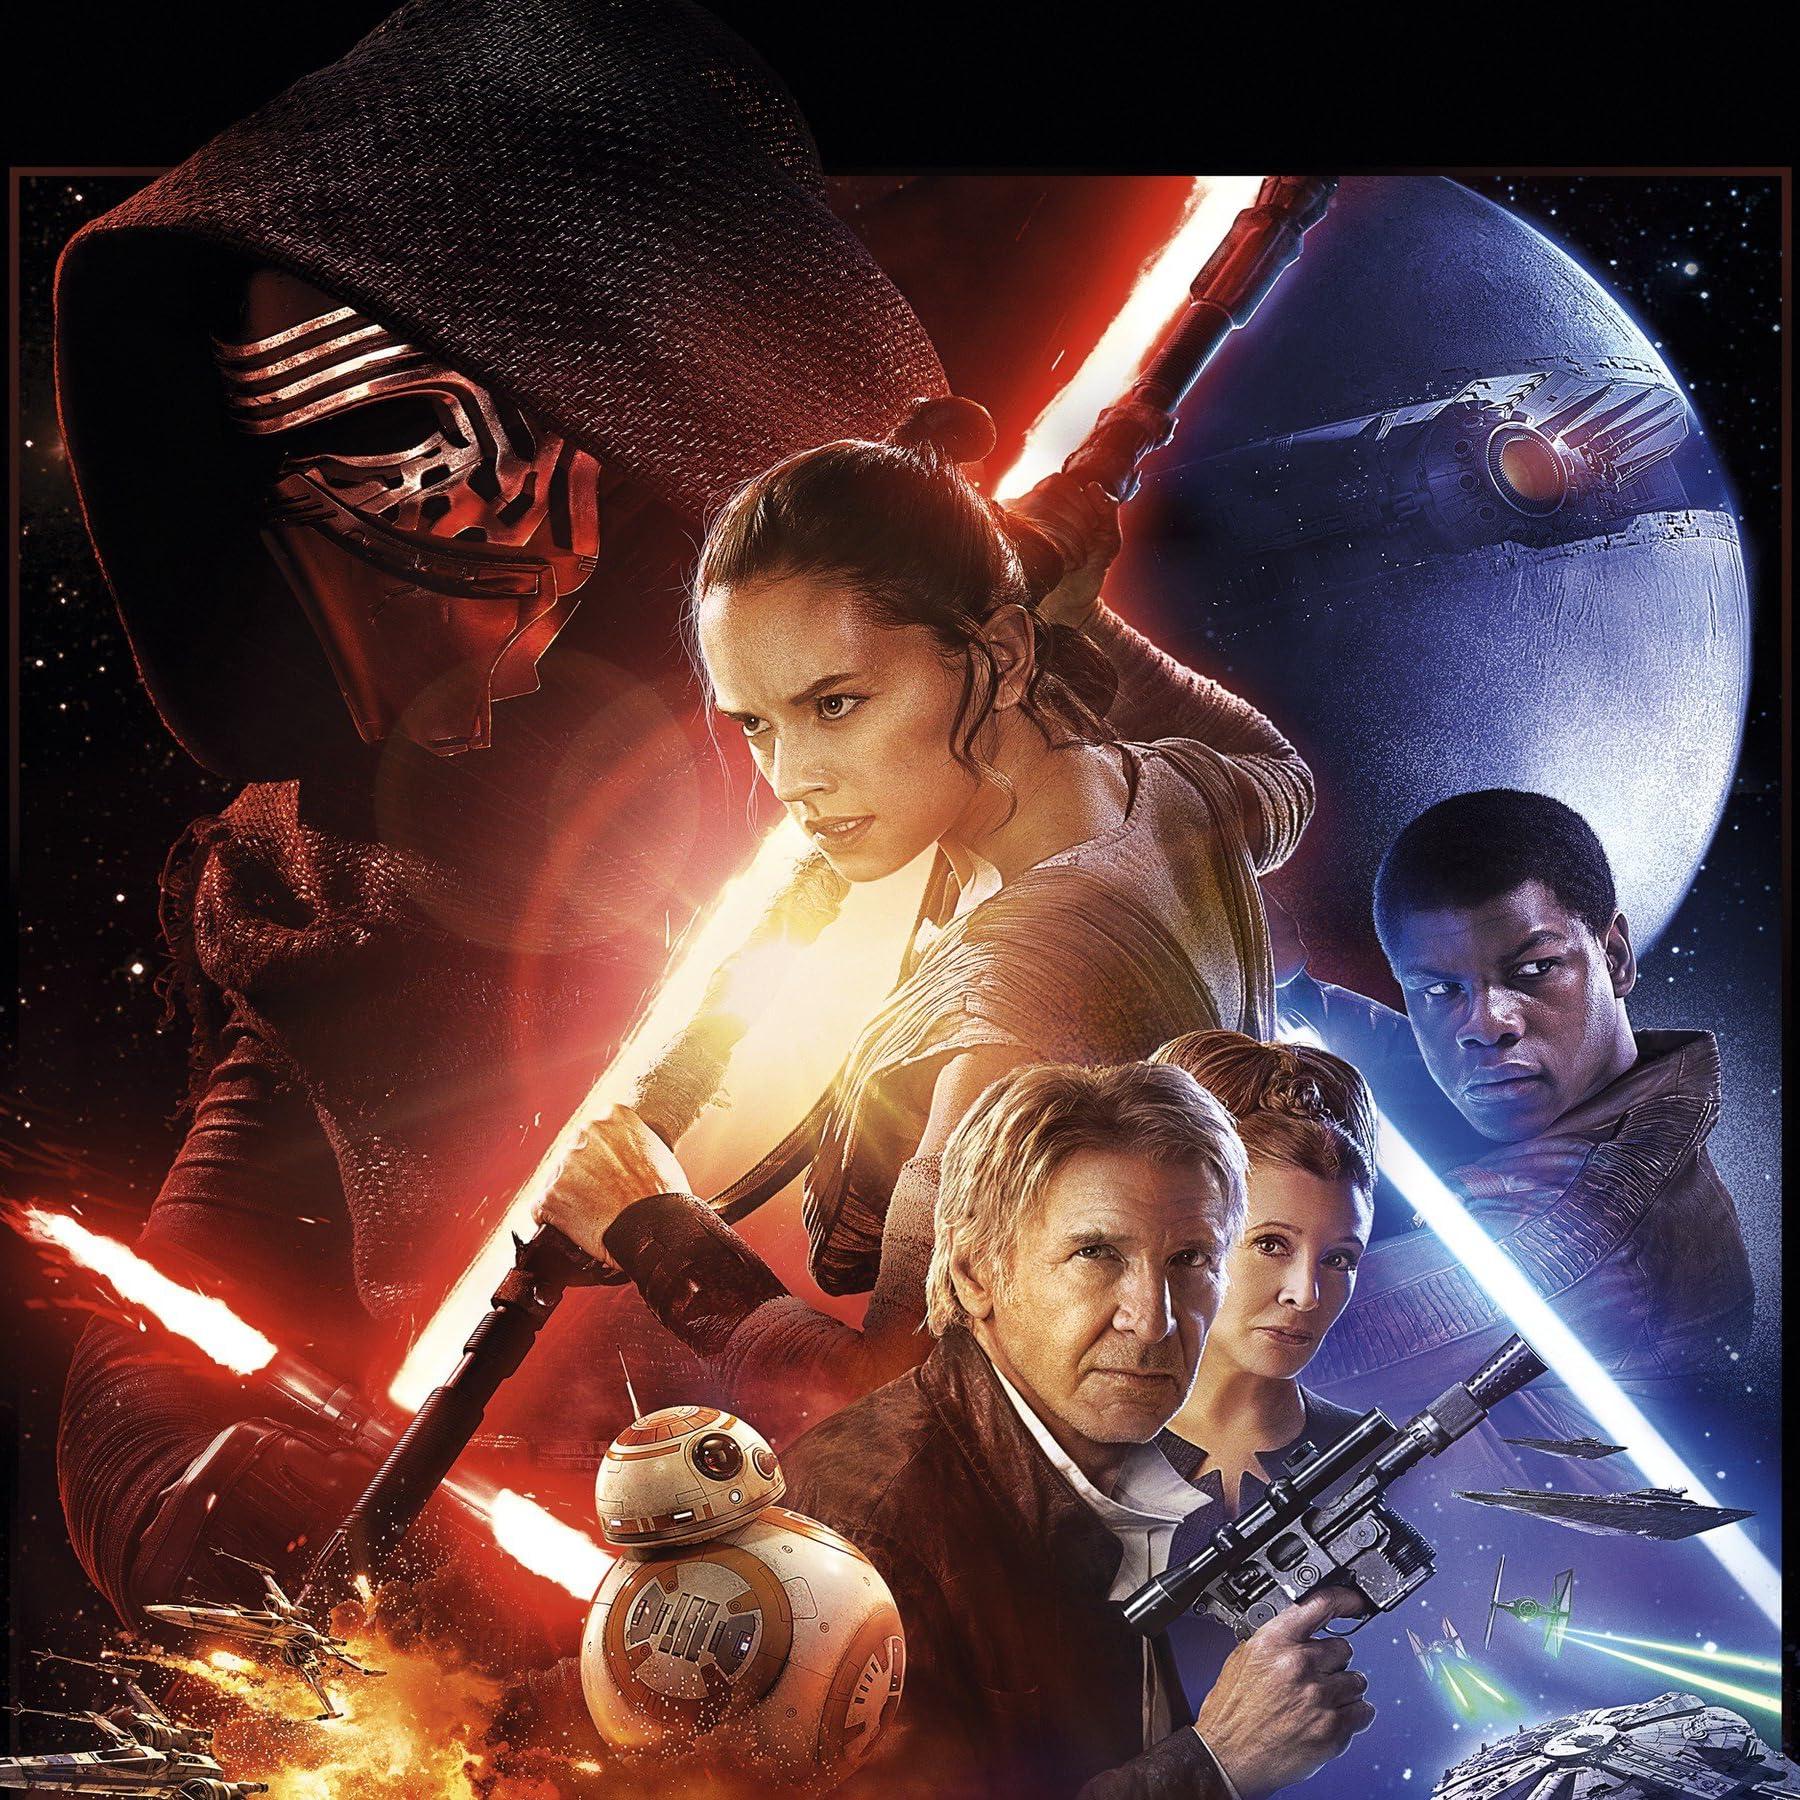 スター ウォーズ Star Wars Ipad壁紙 フォースの覚醒 レイ ハン